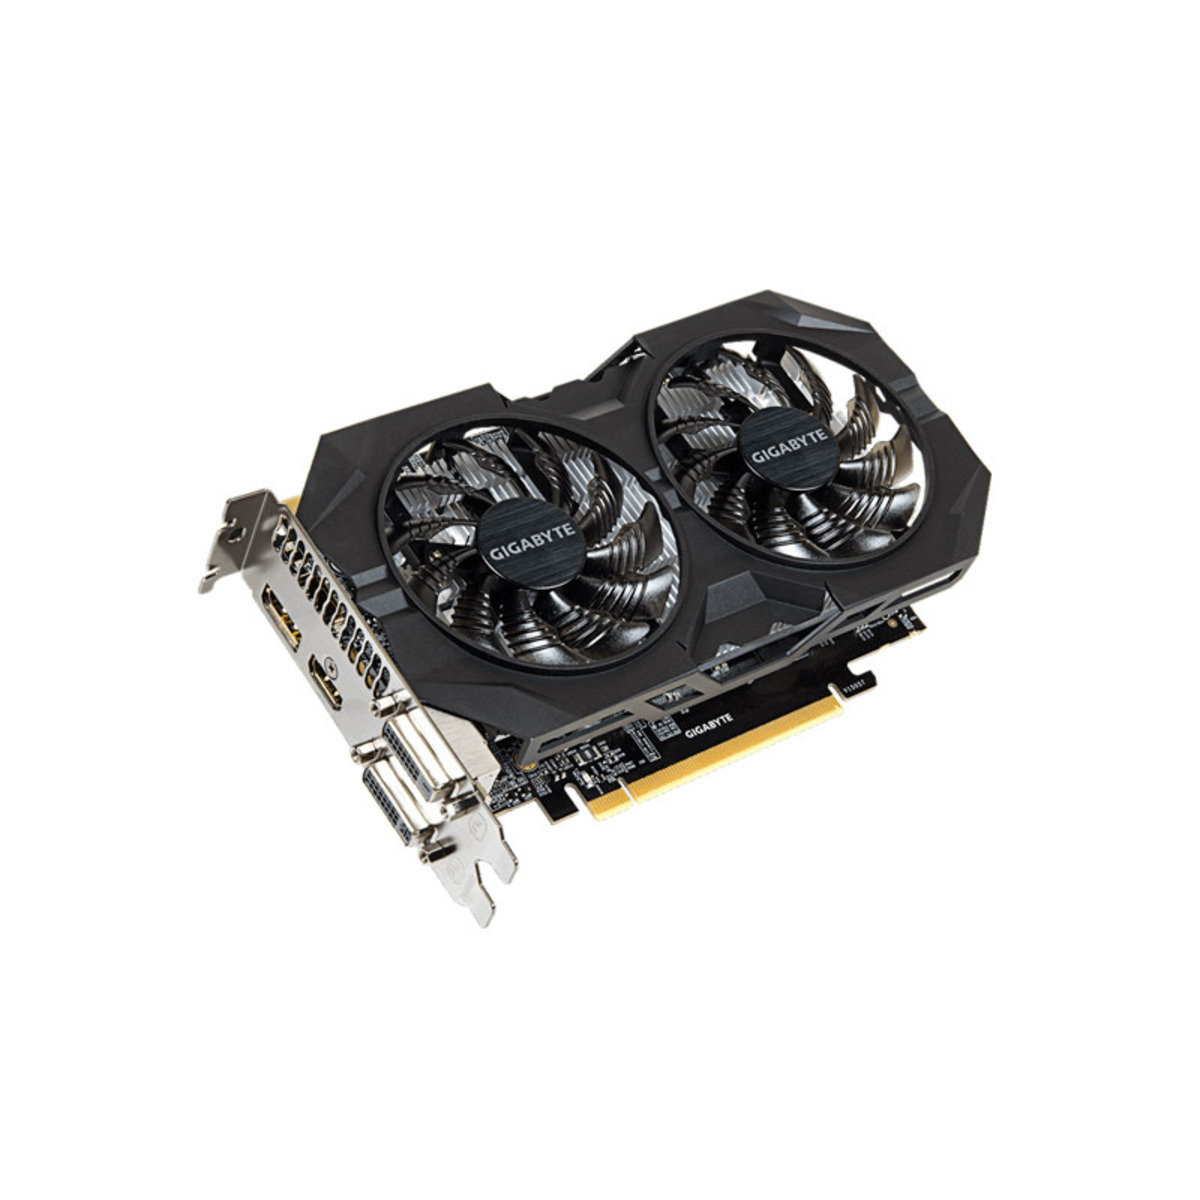 GTX950 2GB GDDR5 PCI-E 獨立顯示卡 GV-N950WF2OC-2GD